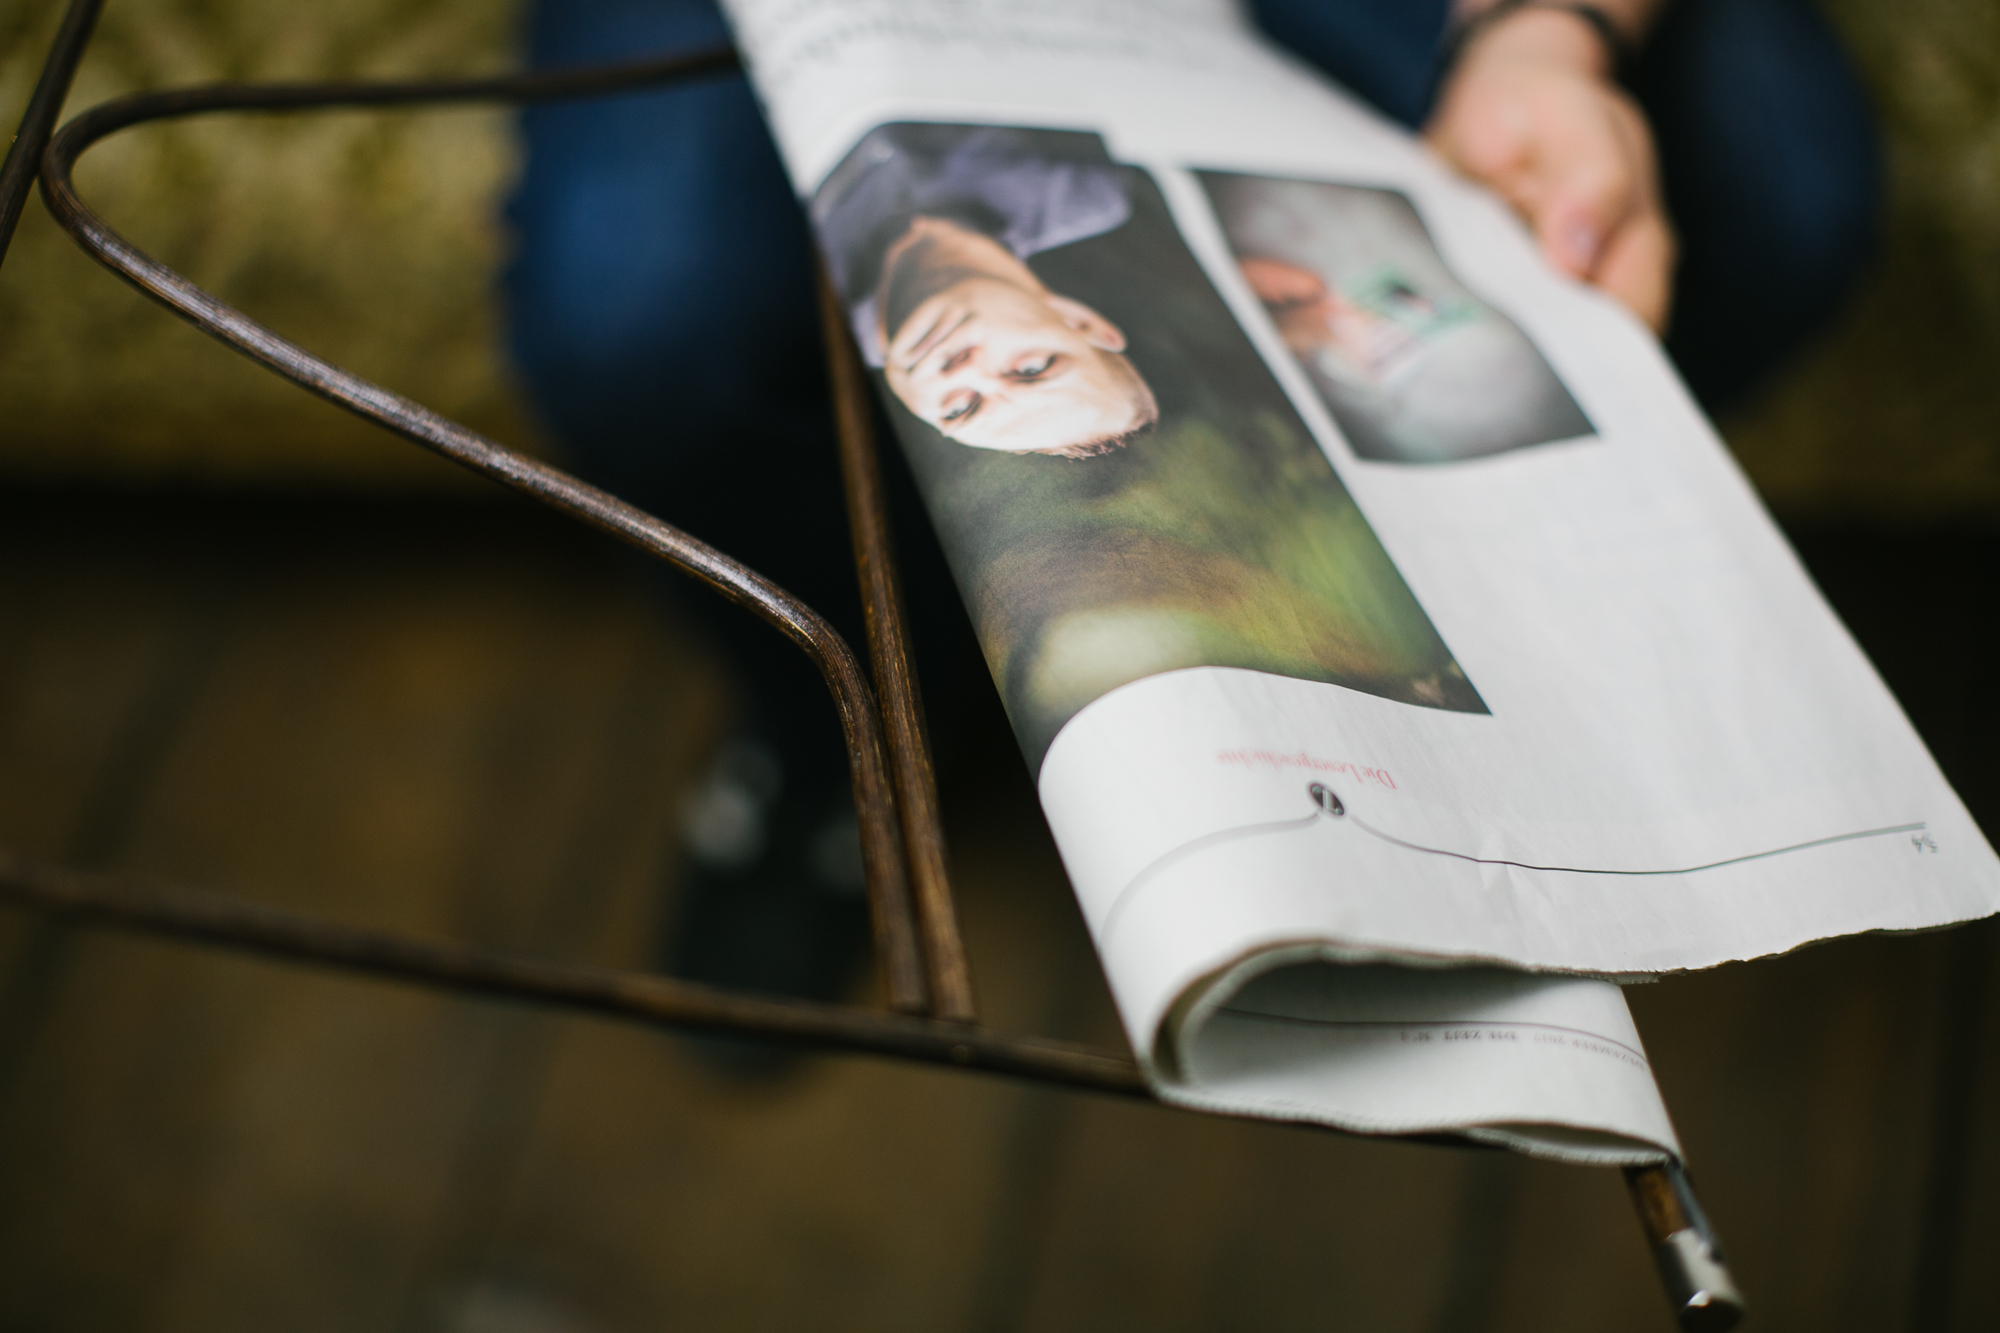 Wiener Porte-journaux Thomas Poganitsch Nature 60 cm